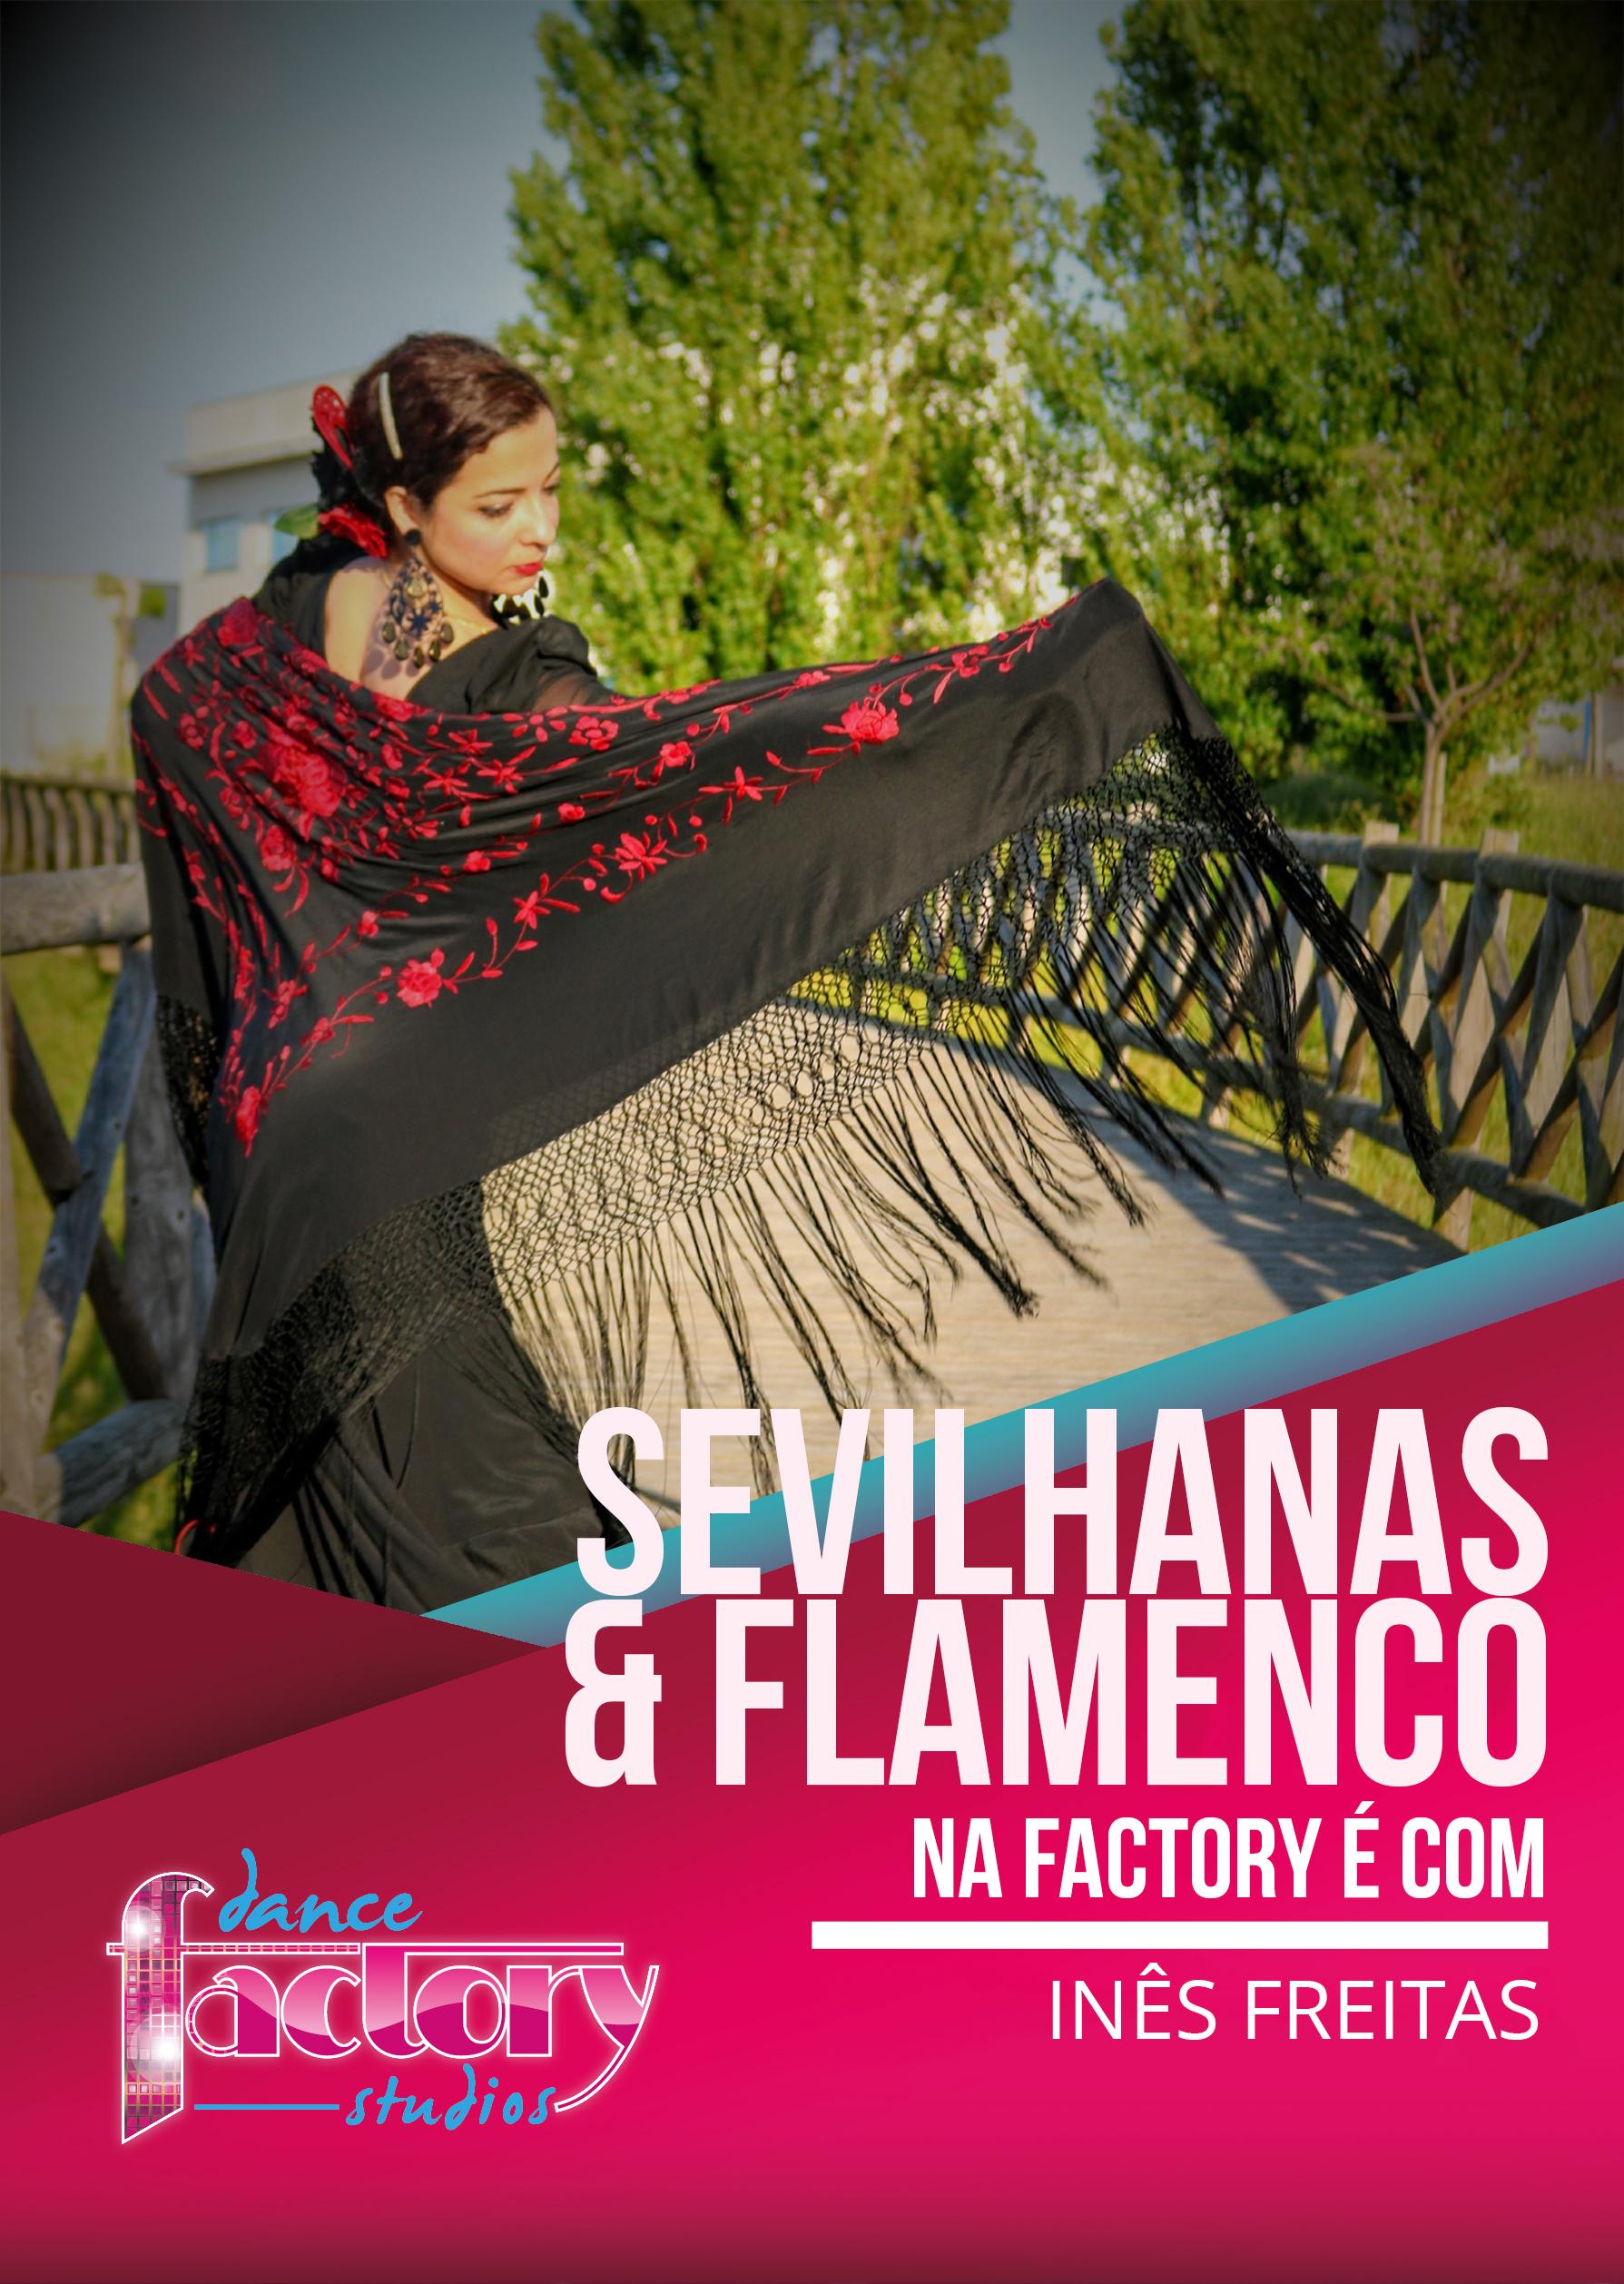 Sevilhanas&Flamenco